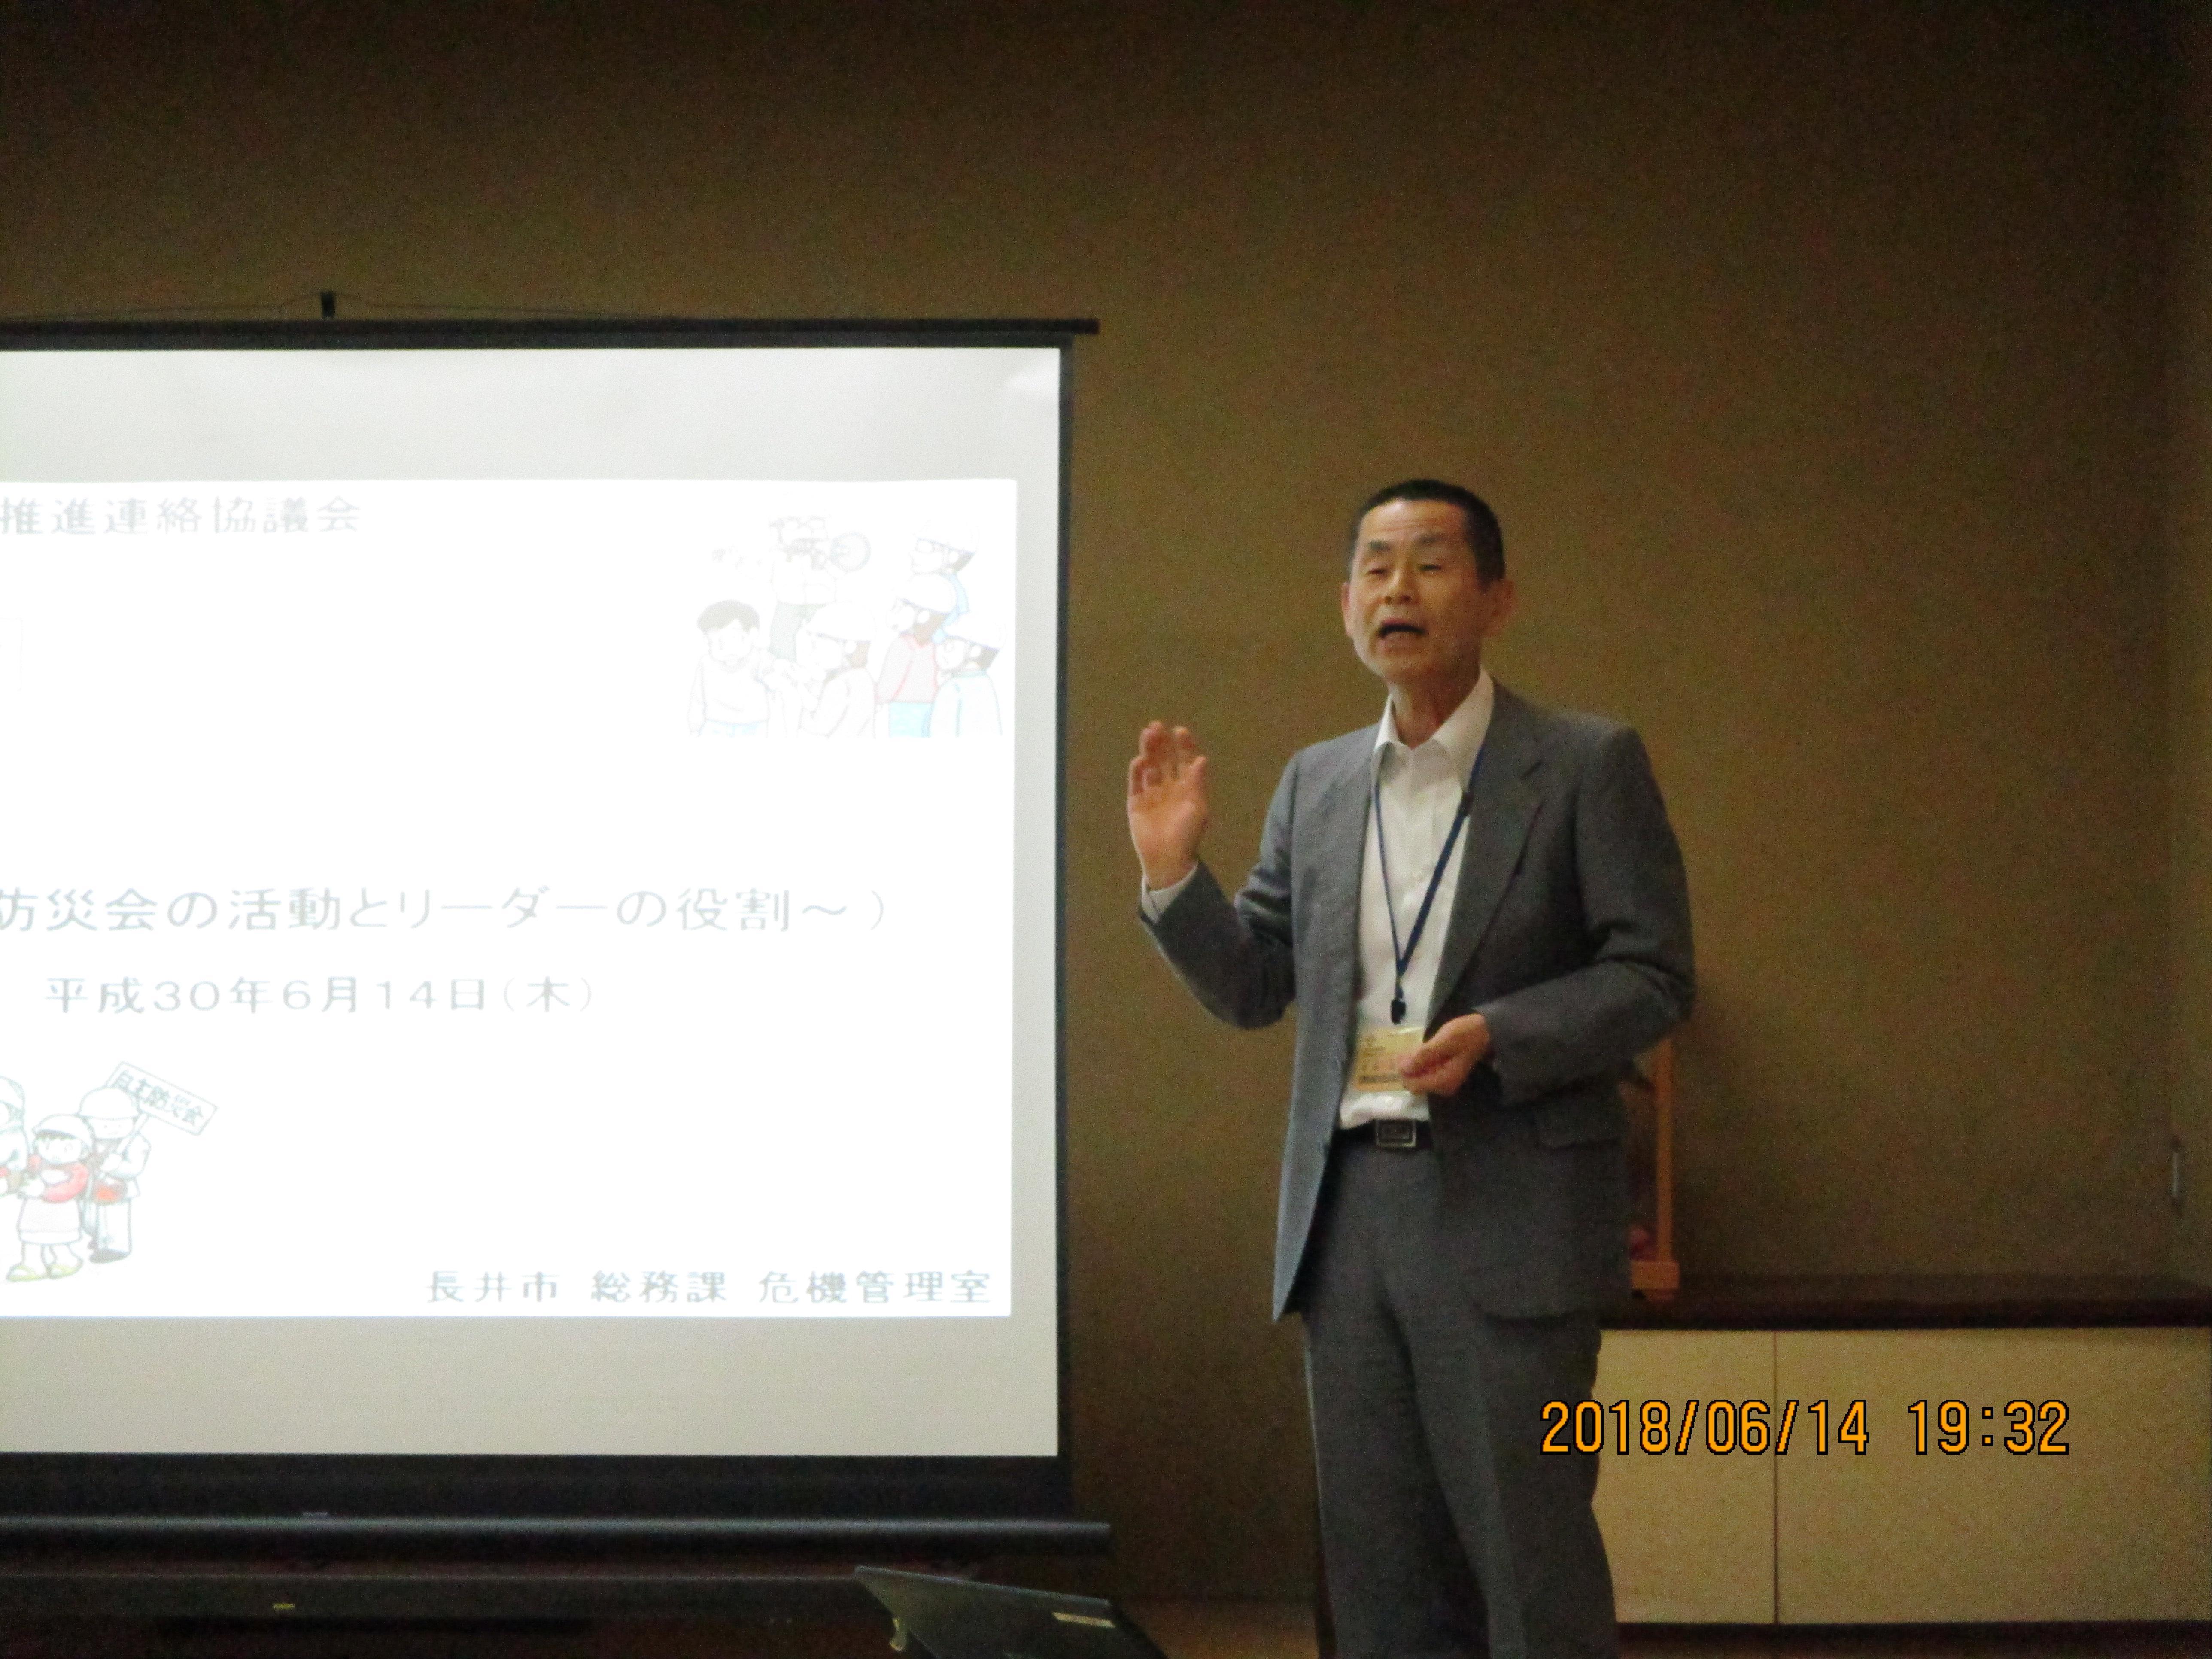 6月14日 平野地区安全推進連絡協議会総会